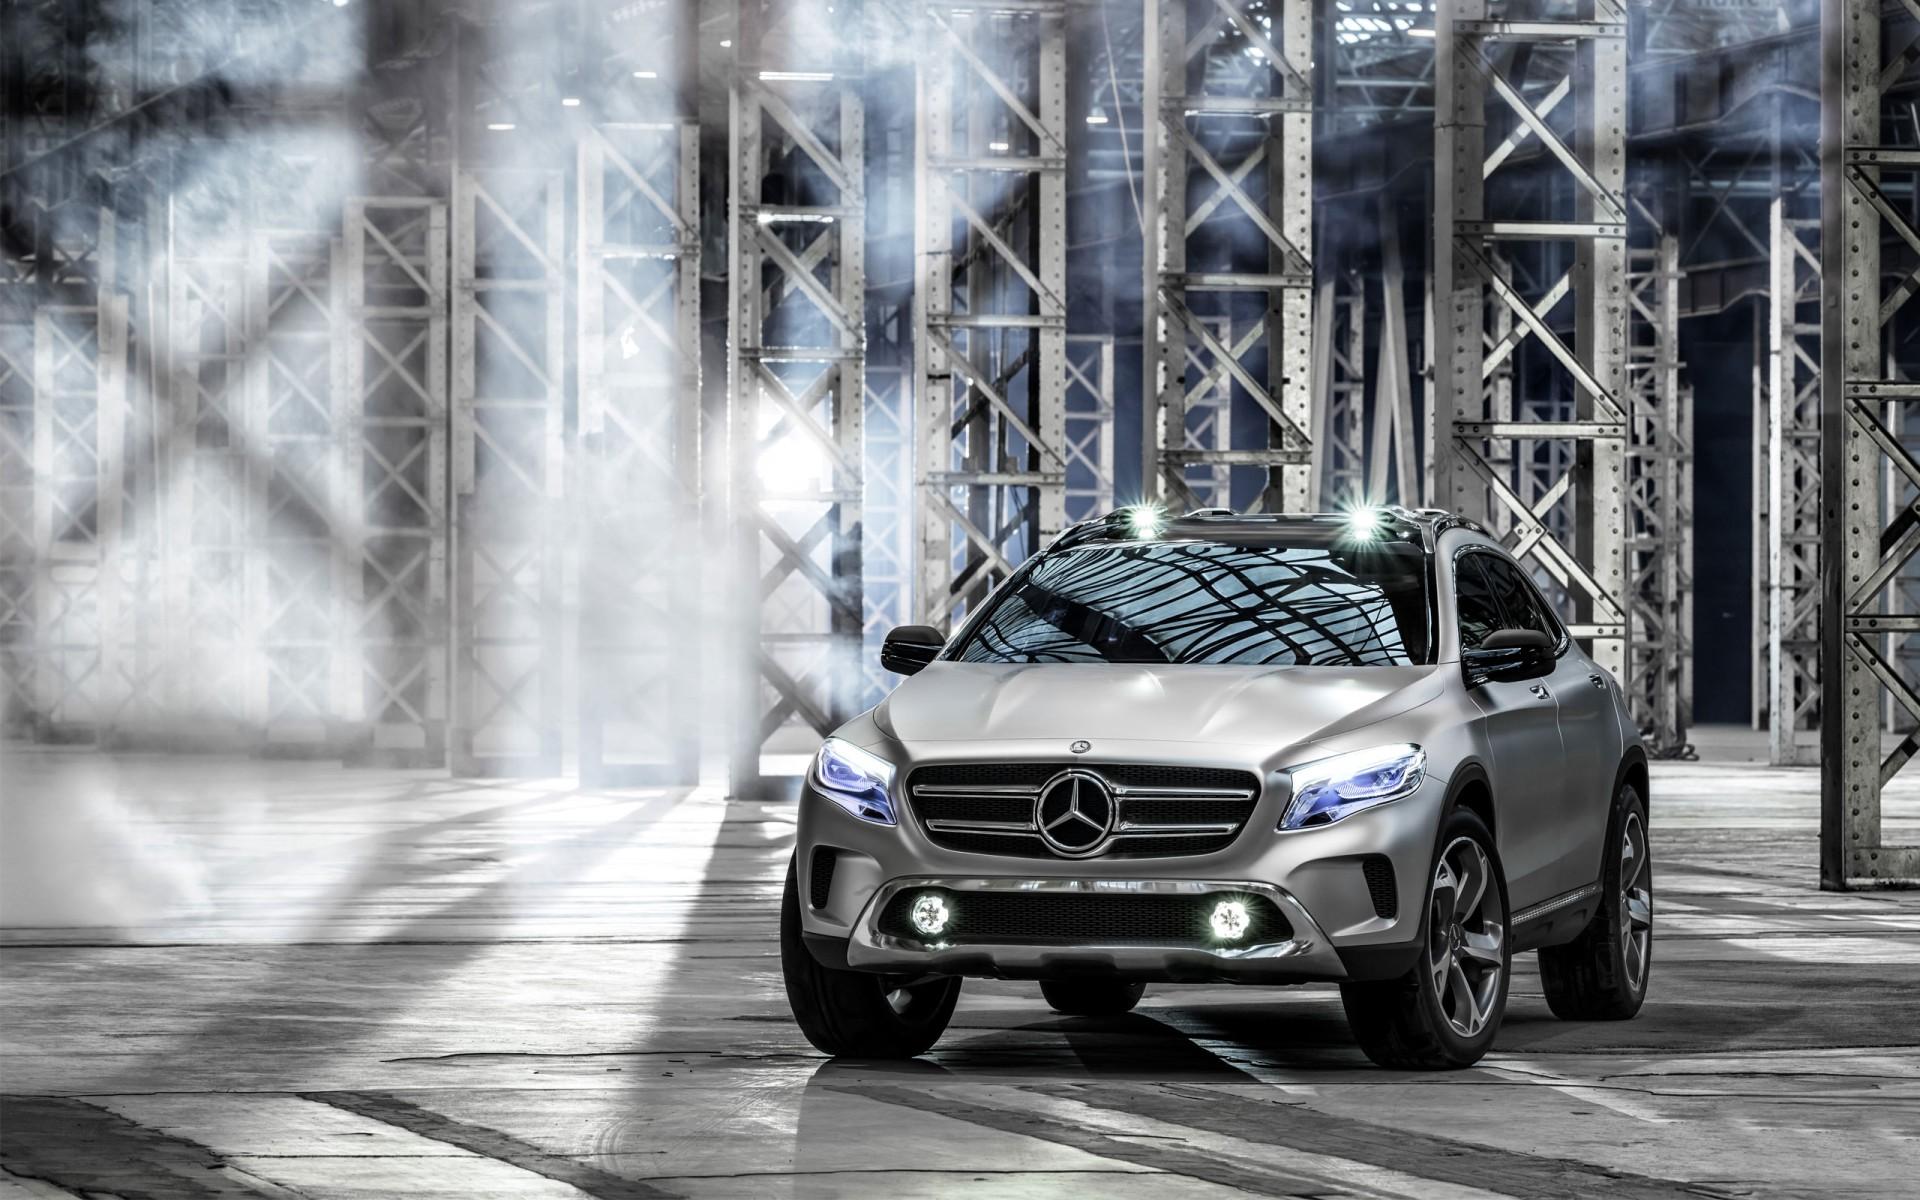 Bmw Wallpaper Iphone X 2013 Mercedes Benz Gla Concept Wallpaper Hd Car